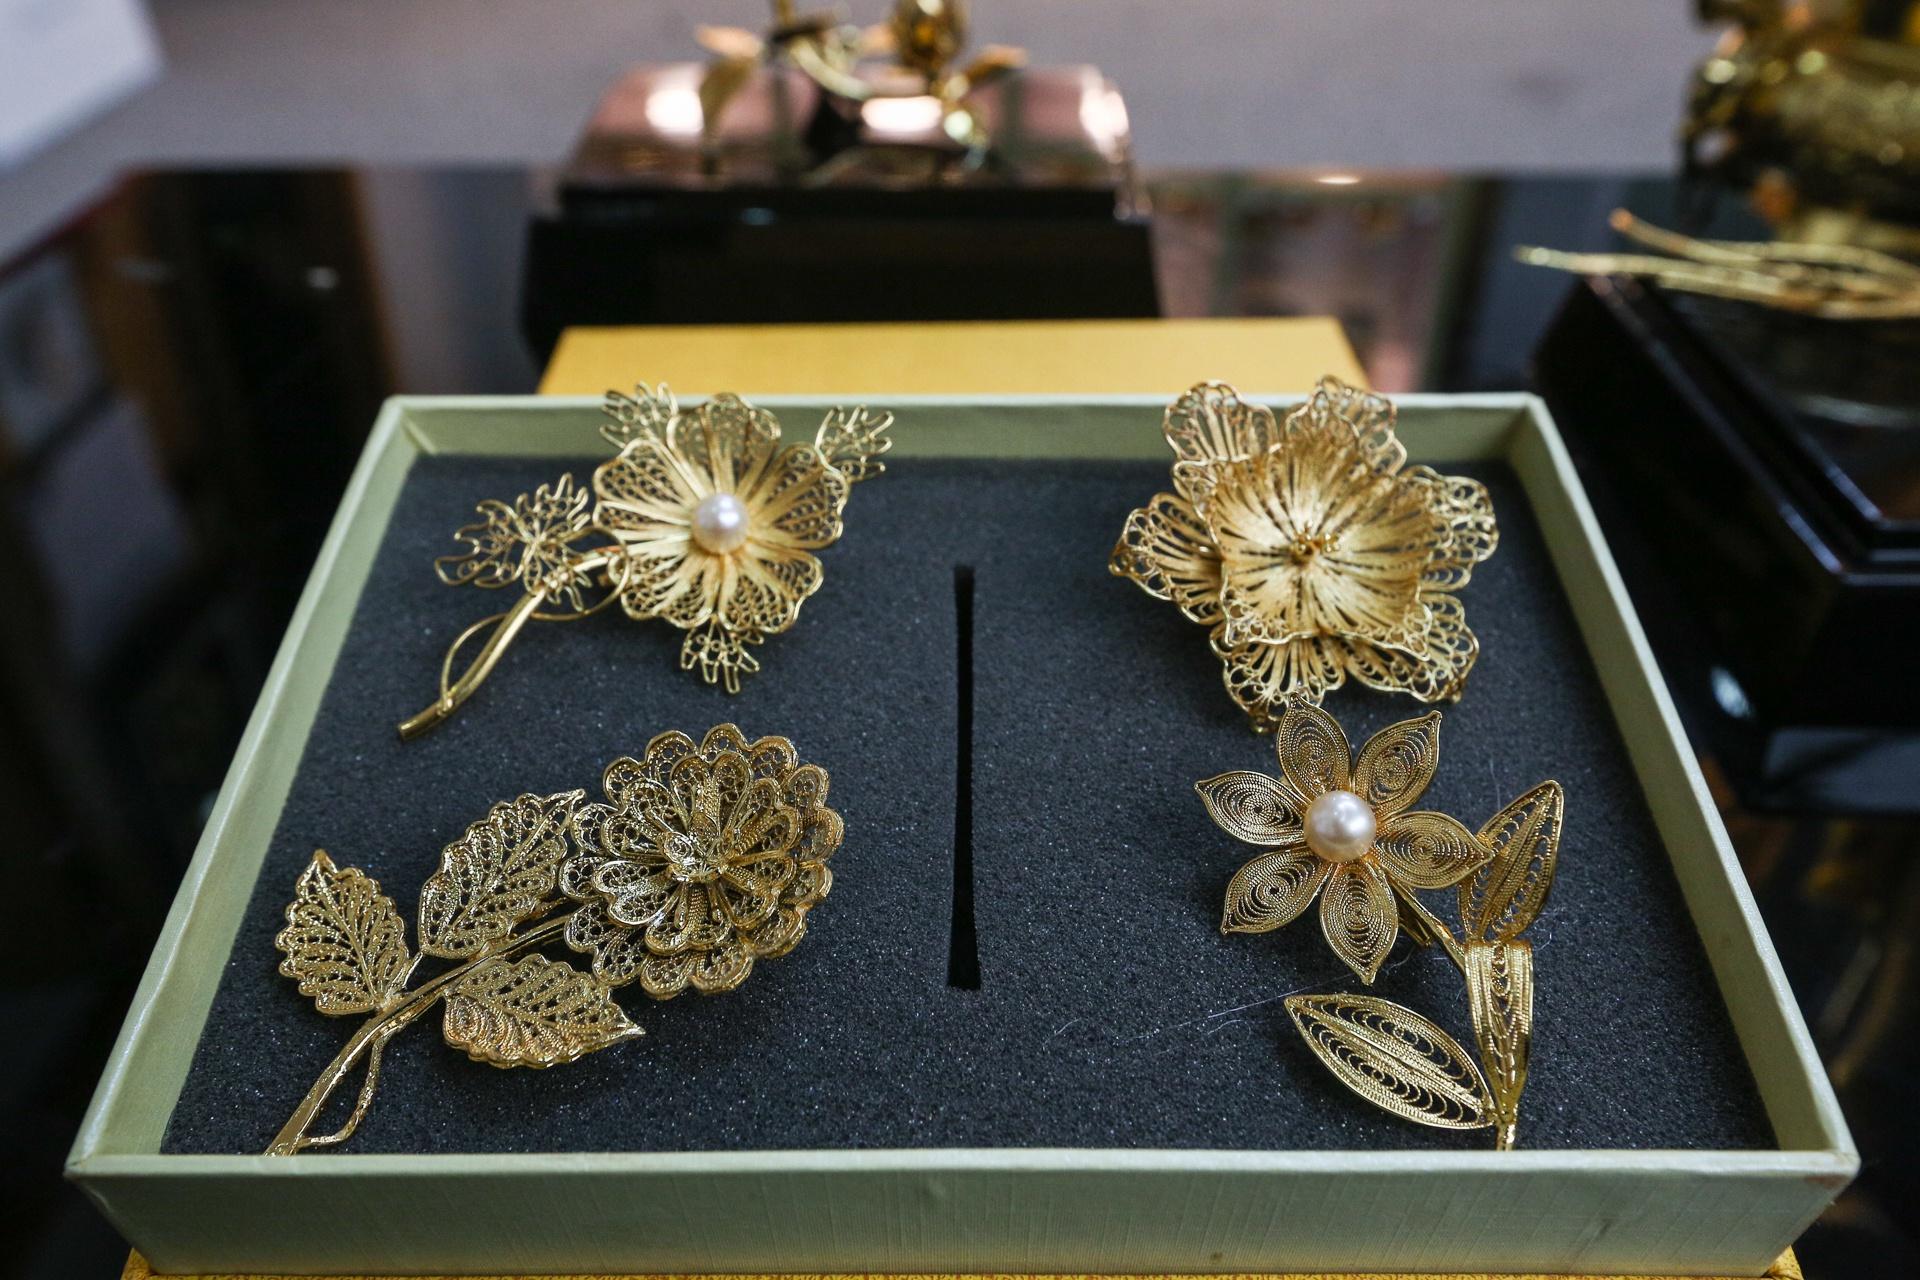 Hoa mạ vàng tiền triệu ngập tràn thị trường quà tặng ngày 8/3 - Ảnh 3.